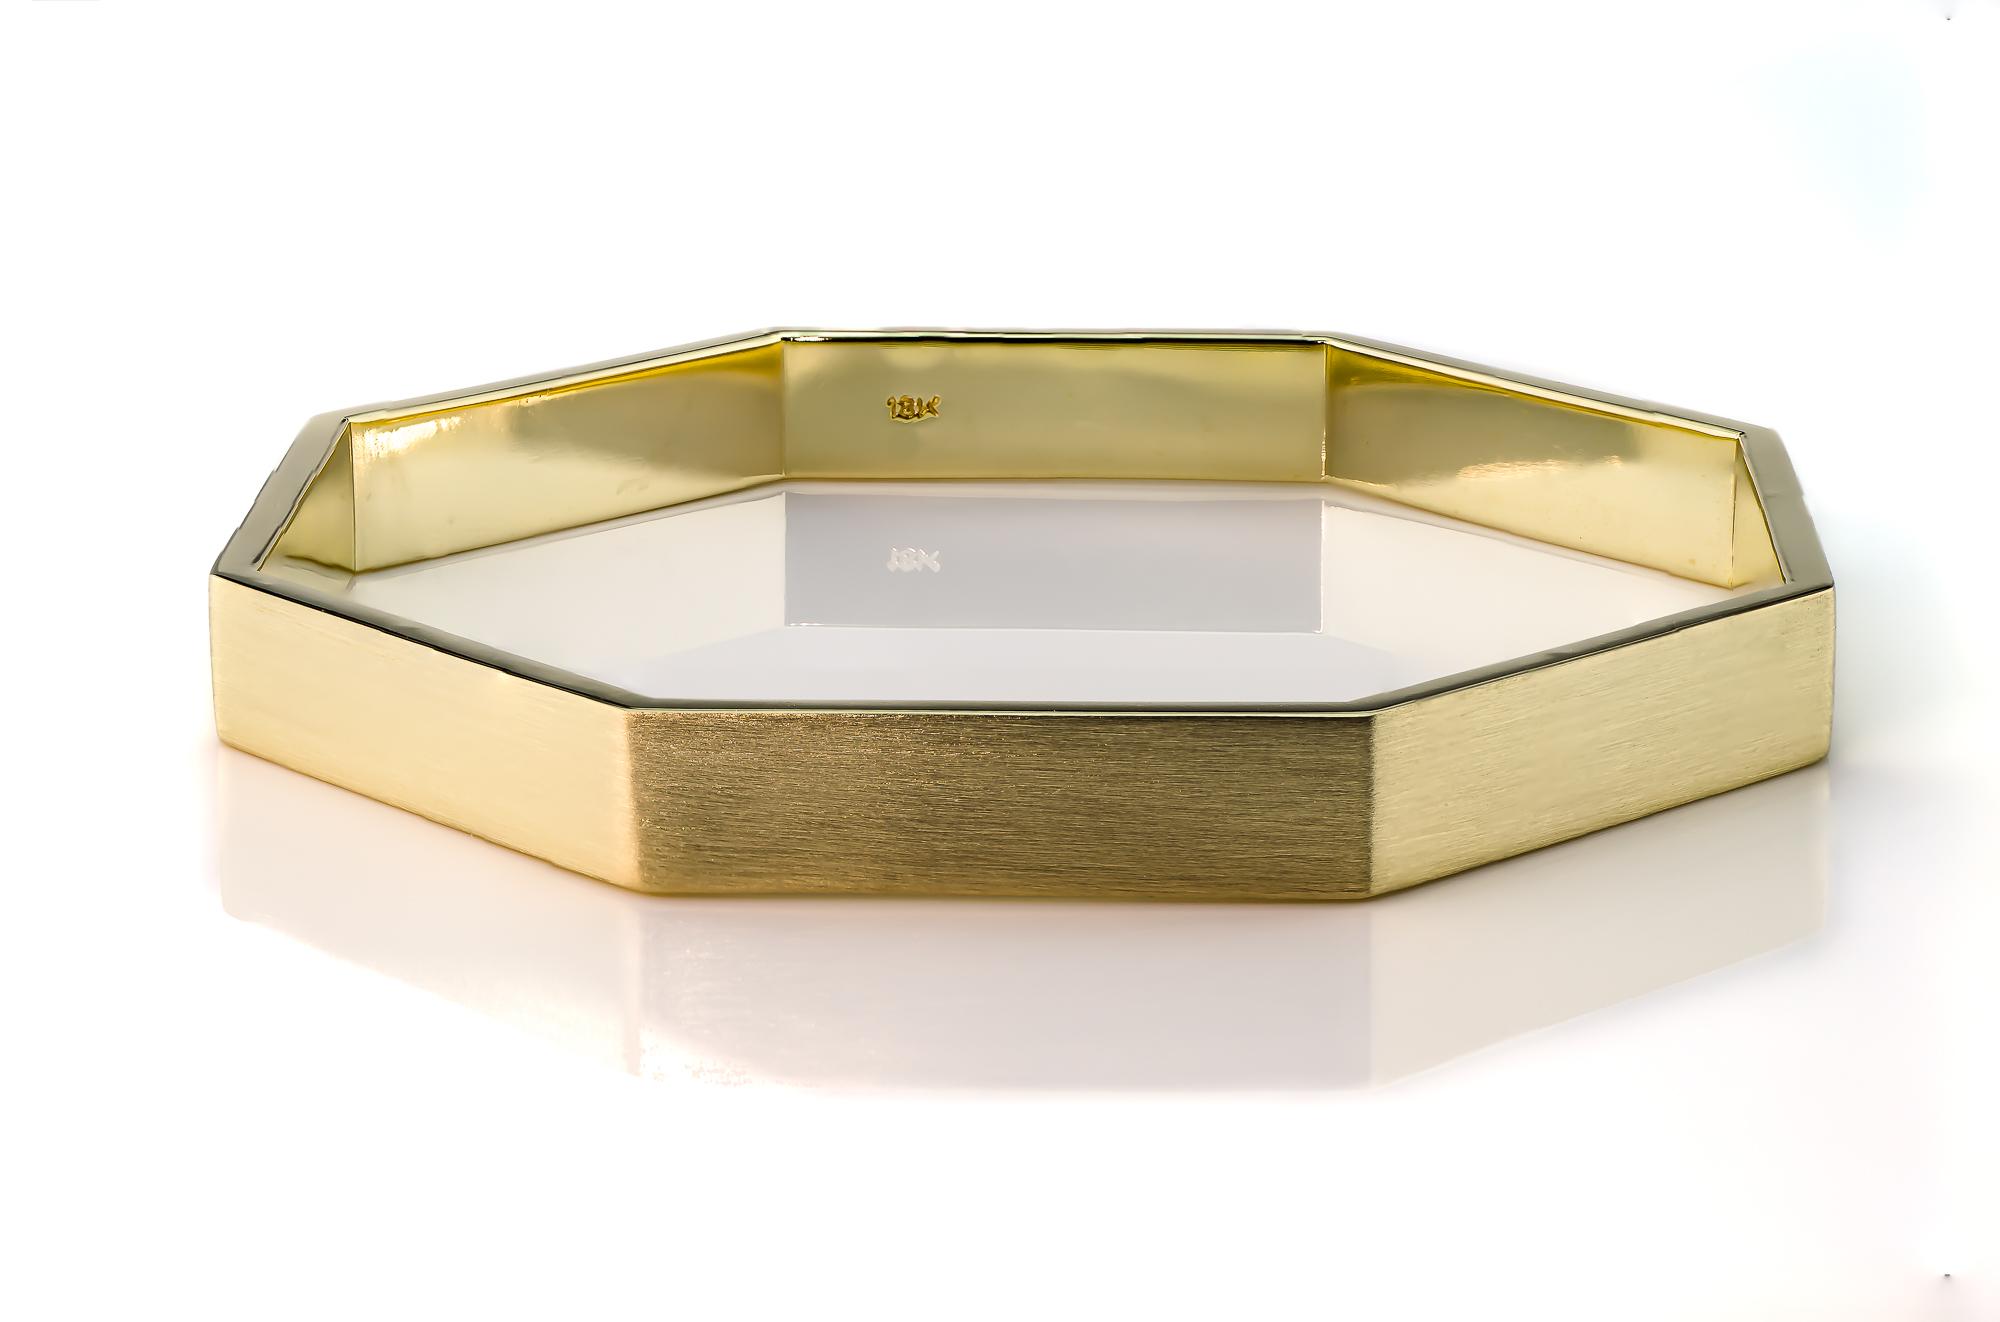 gold oct bracelet-1-2.JPG